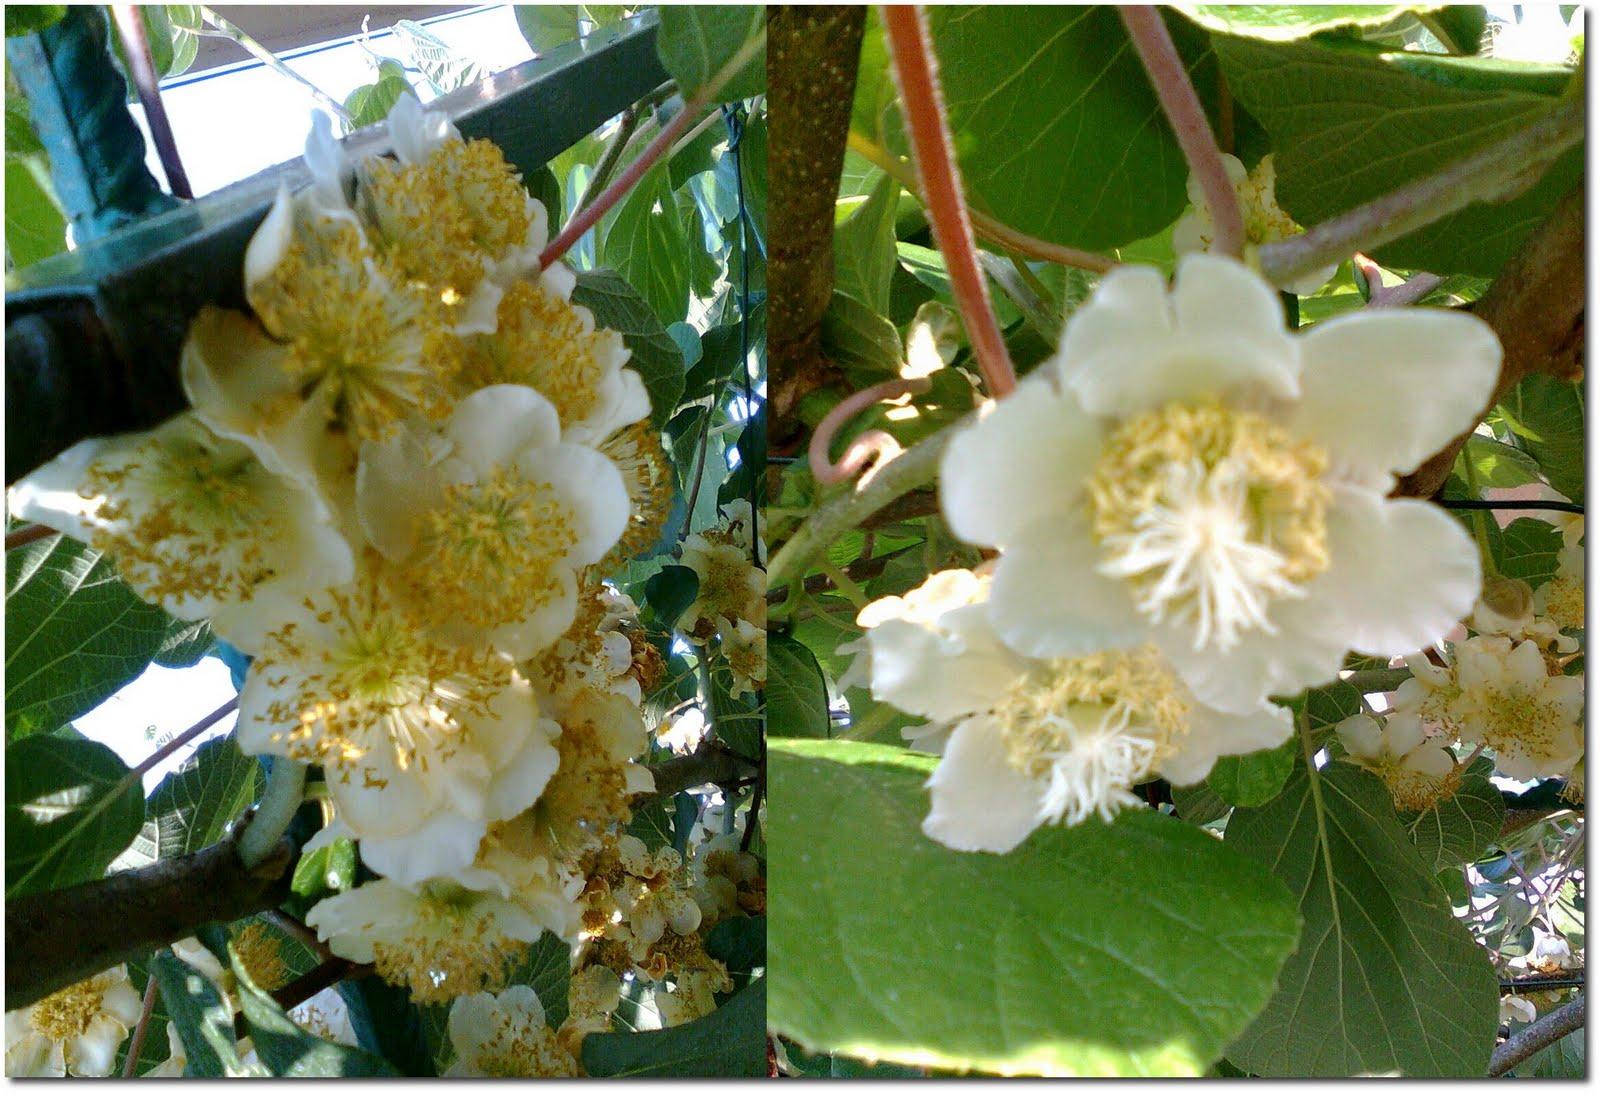 Orto per tutti piante da frutto for Kiwi pianta